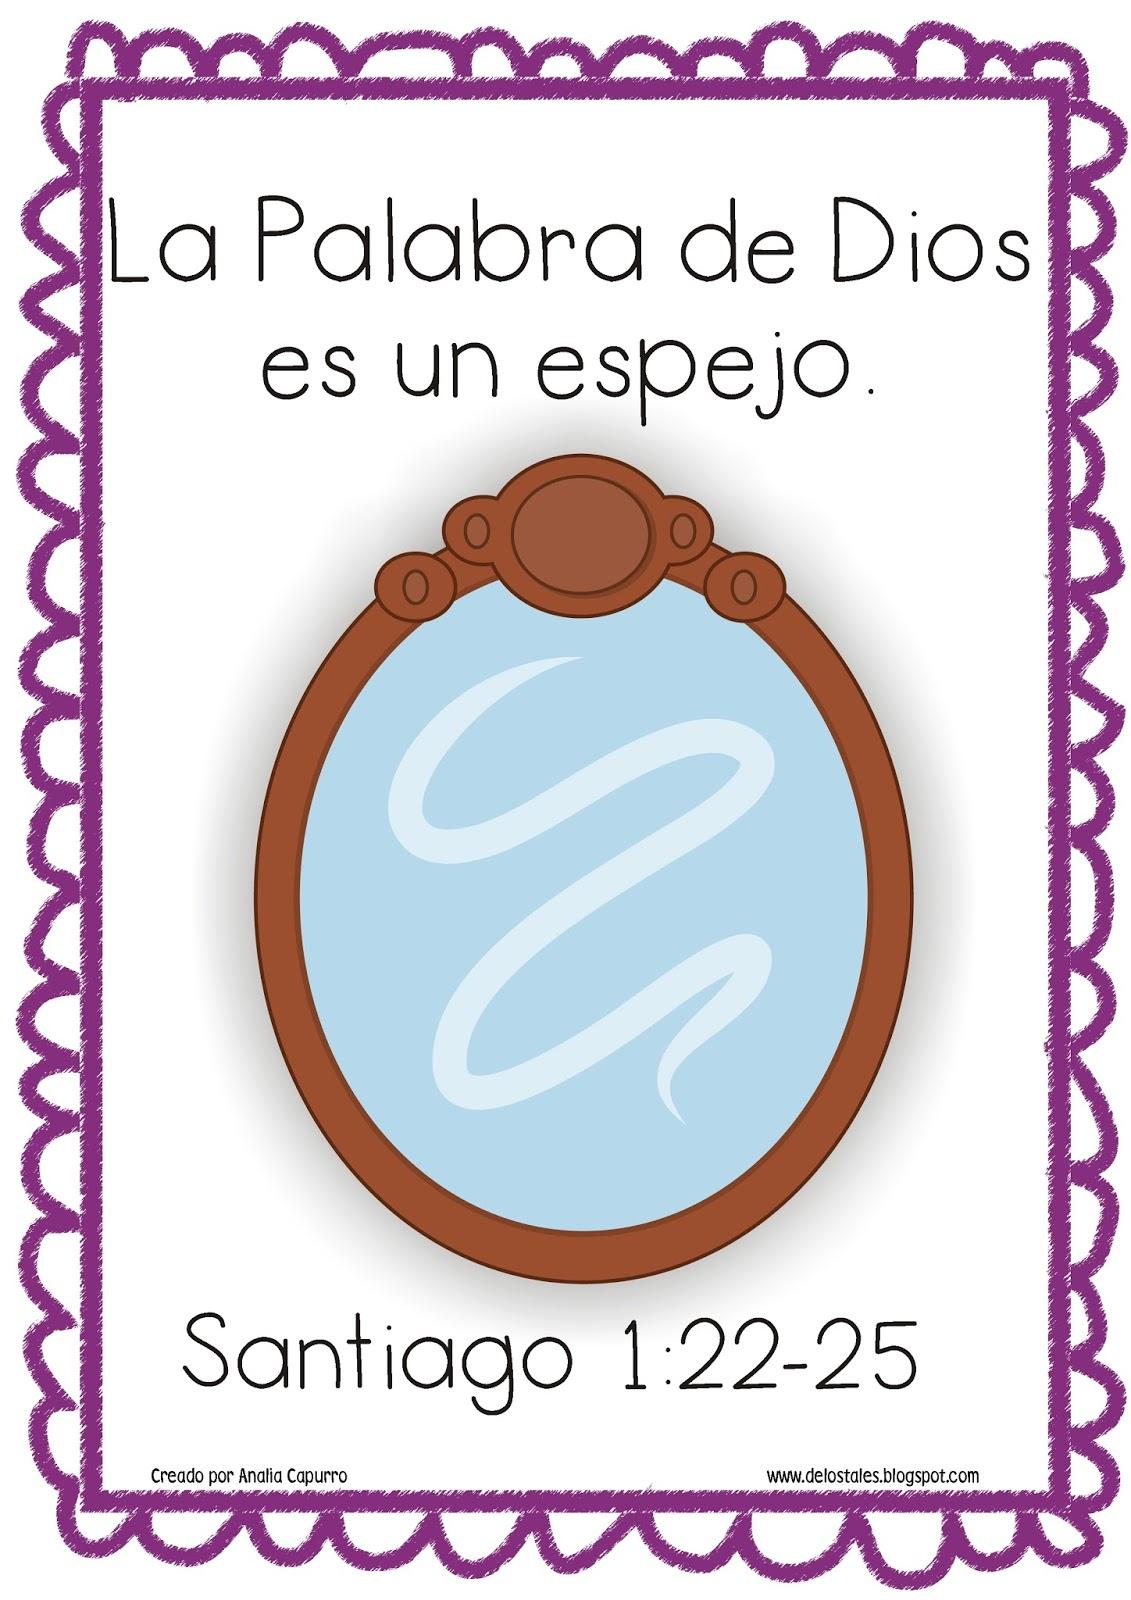 La palabra de dios es de los tales - De que color es un espejo ...